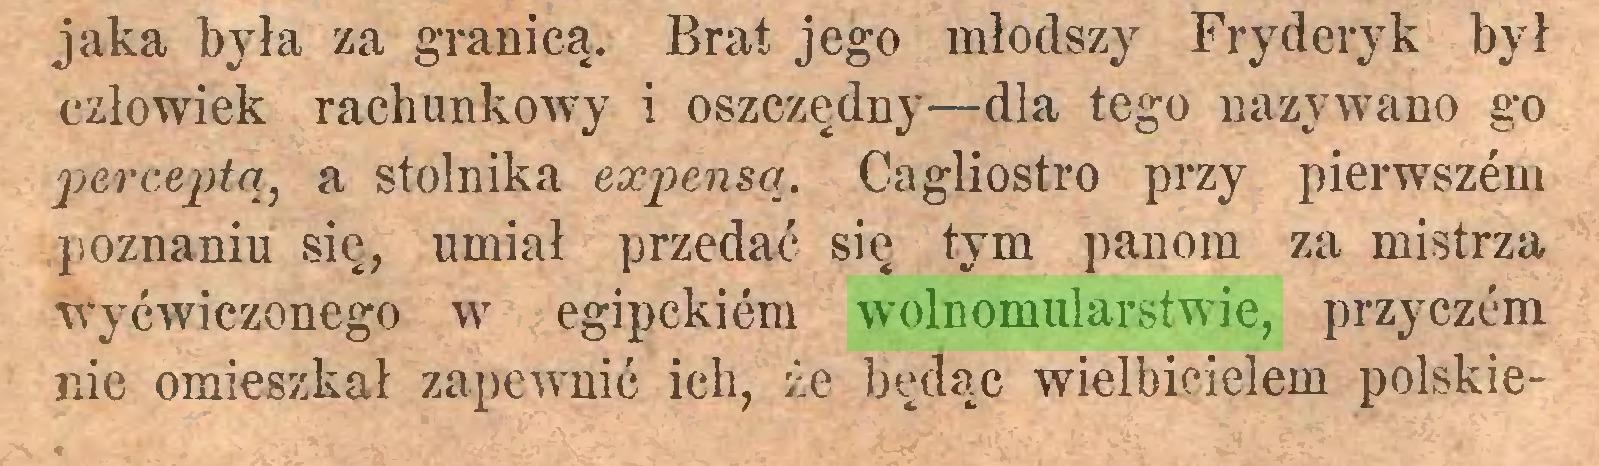 (...) jaka była za granicą. Brat jego młodszy Fryderyk był człowiek rachunkowy i oszczędny—dla tego nazywano go perceptą, a stolnika expensa. Cagliostro przy pierwszćm poznaniu się, umiał przedać się tym panora za mistrza wyćwiczonego w egipekićm wolnomularstwie, przyczćm nie omieszkał zapewnić ich, że będąc wielbicielem polskie...